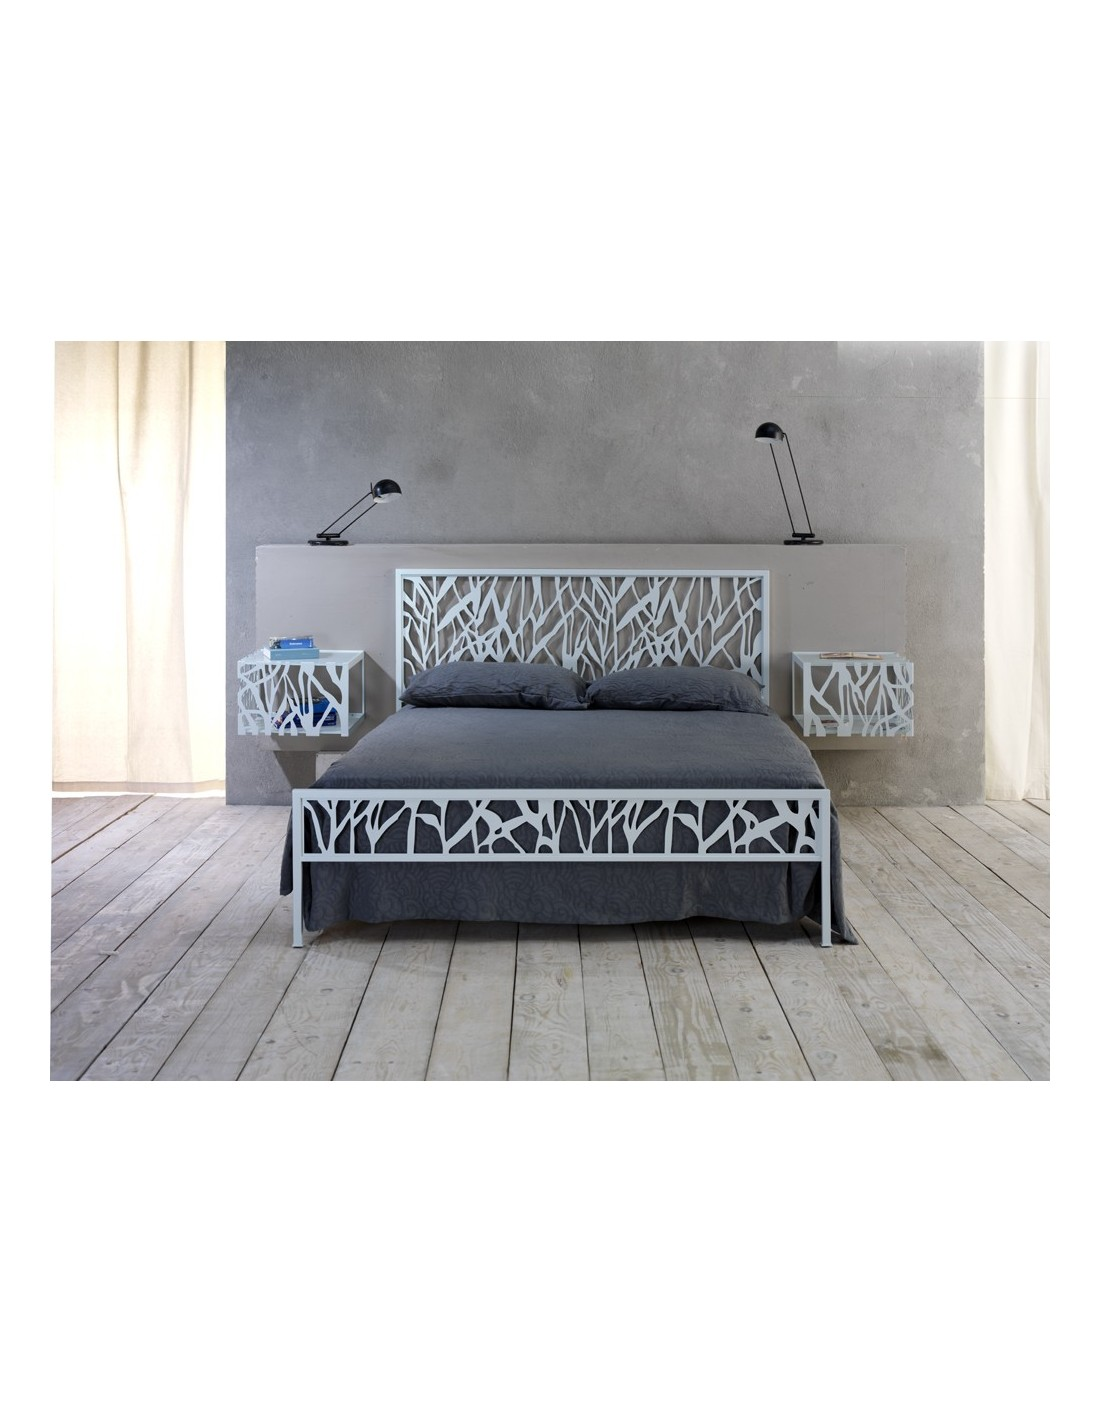 Cosatto green letto in ferro battuto prezzi in offerta colori anticati - Letto in ferro battuto prezzo ...